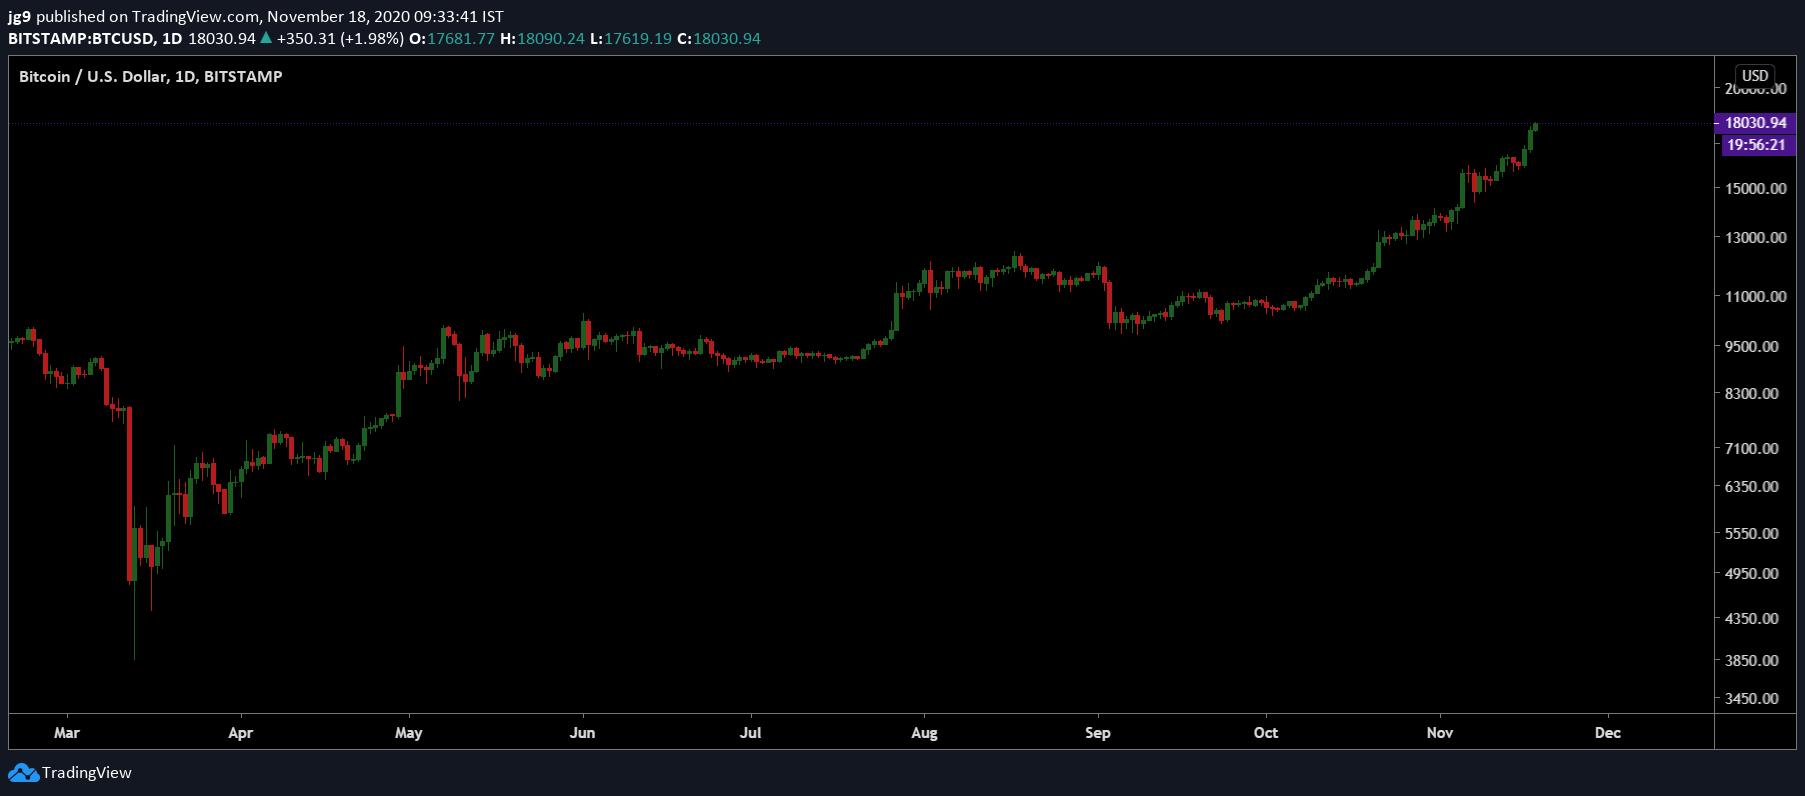 Bitcoin se eleva a $ 18,000, el más alto hasta ahora en 2020